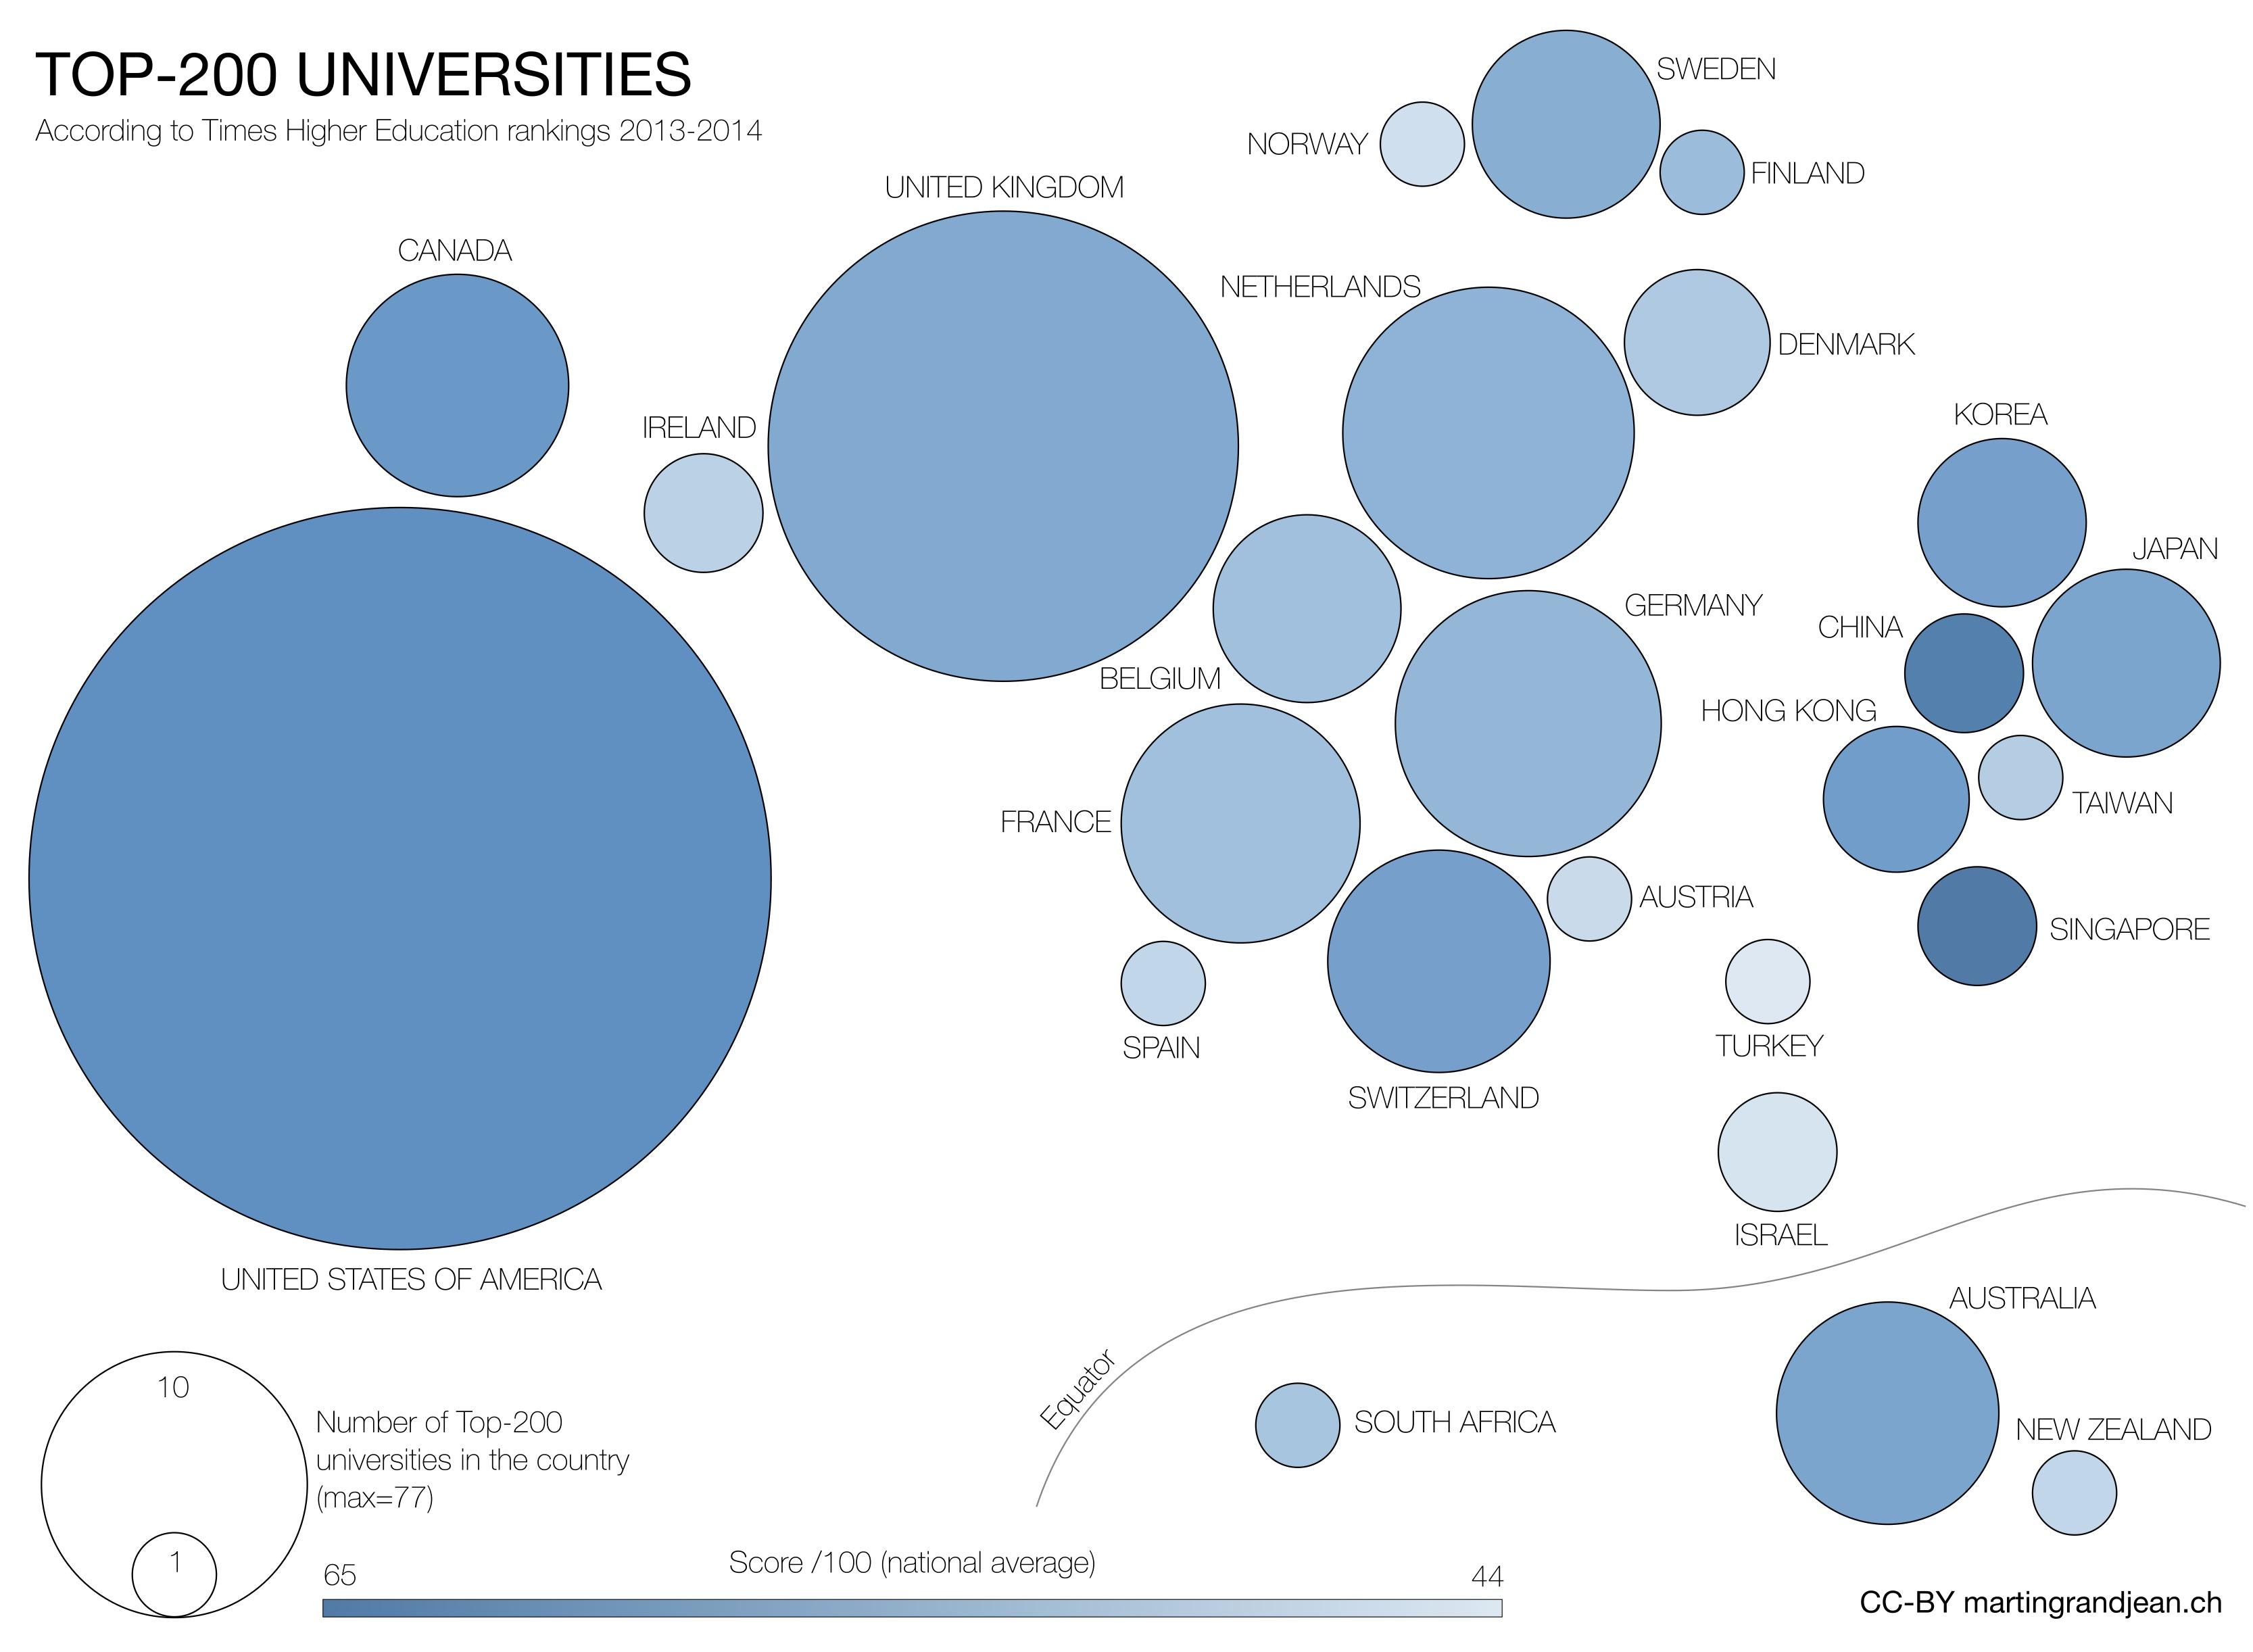 Top-200 Universities 2013-2014